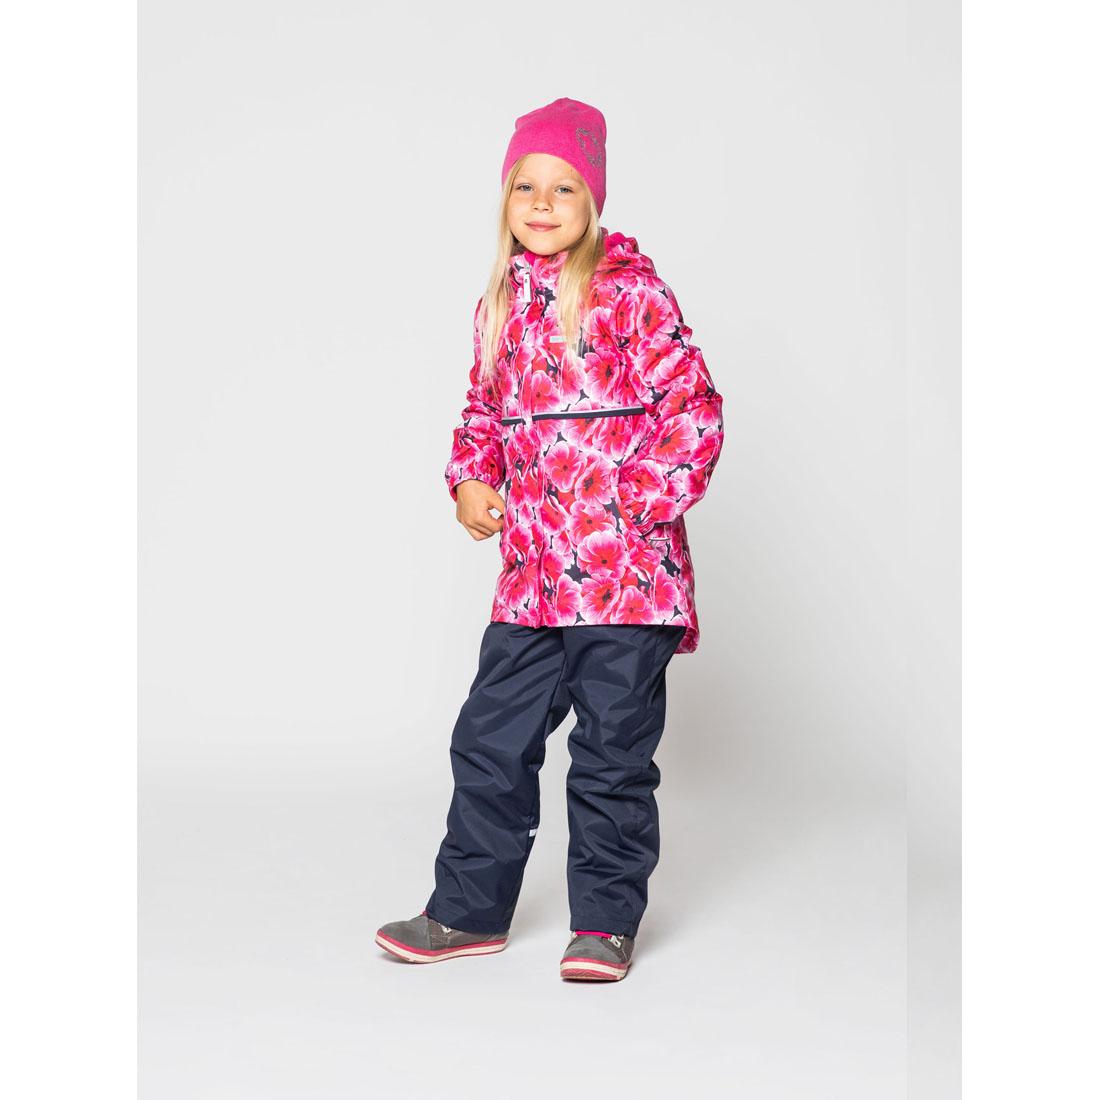 Комплект для девочек KERRY LIISA K20031, размер